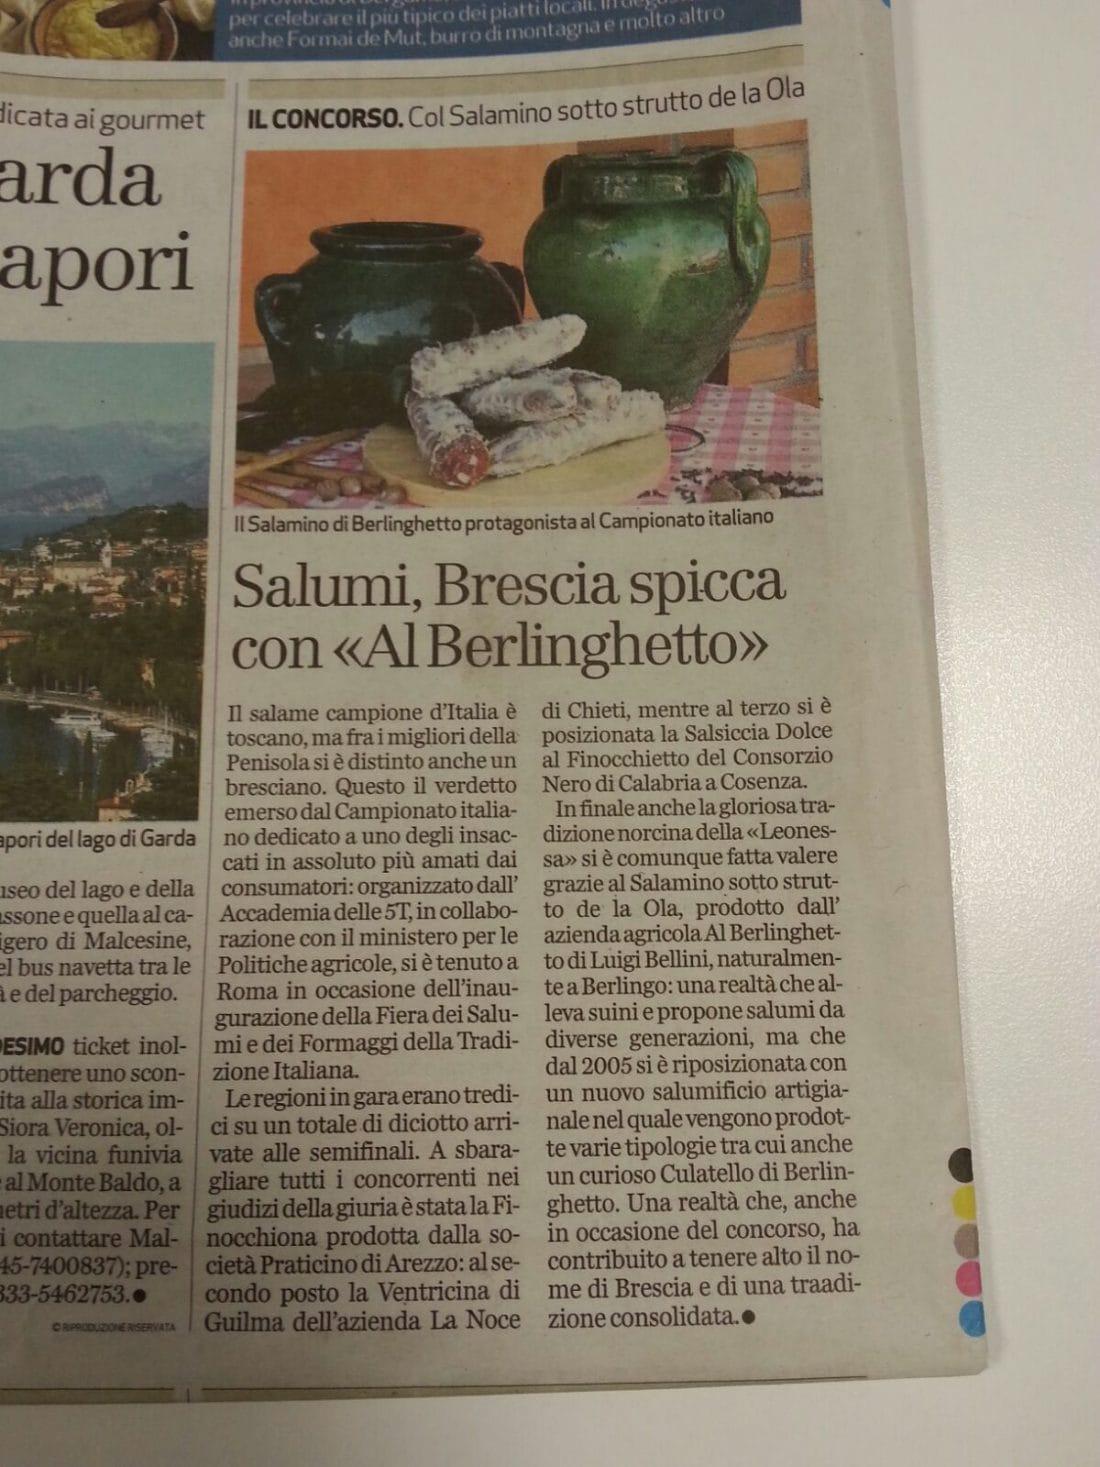 articolo premiati per i migliori salumi d'italia